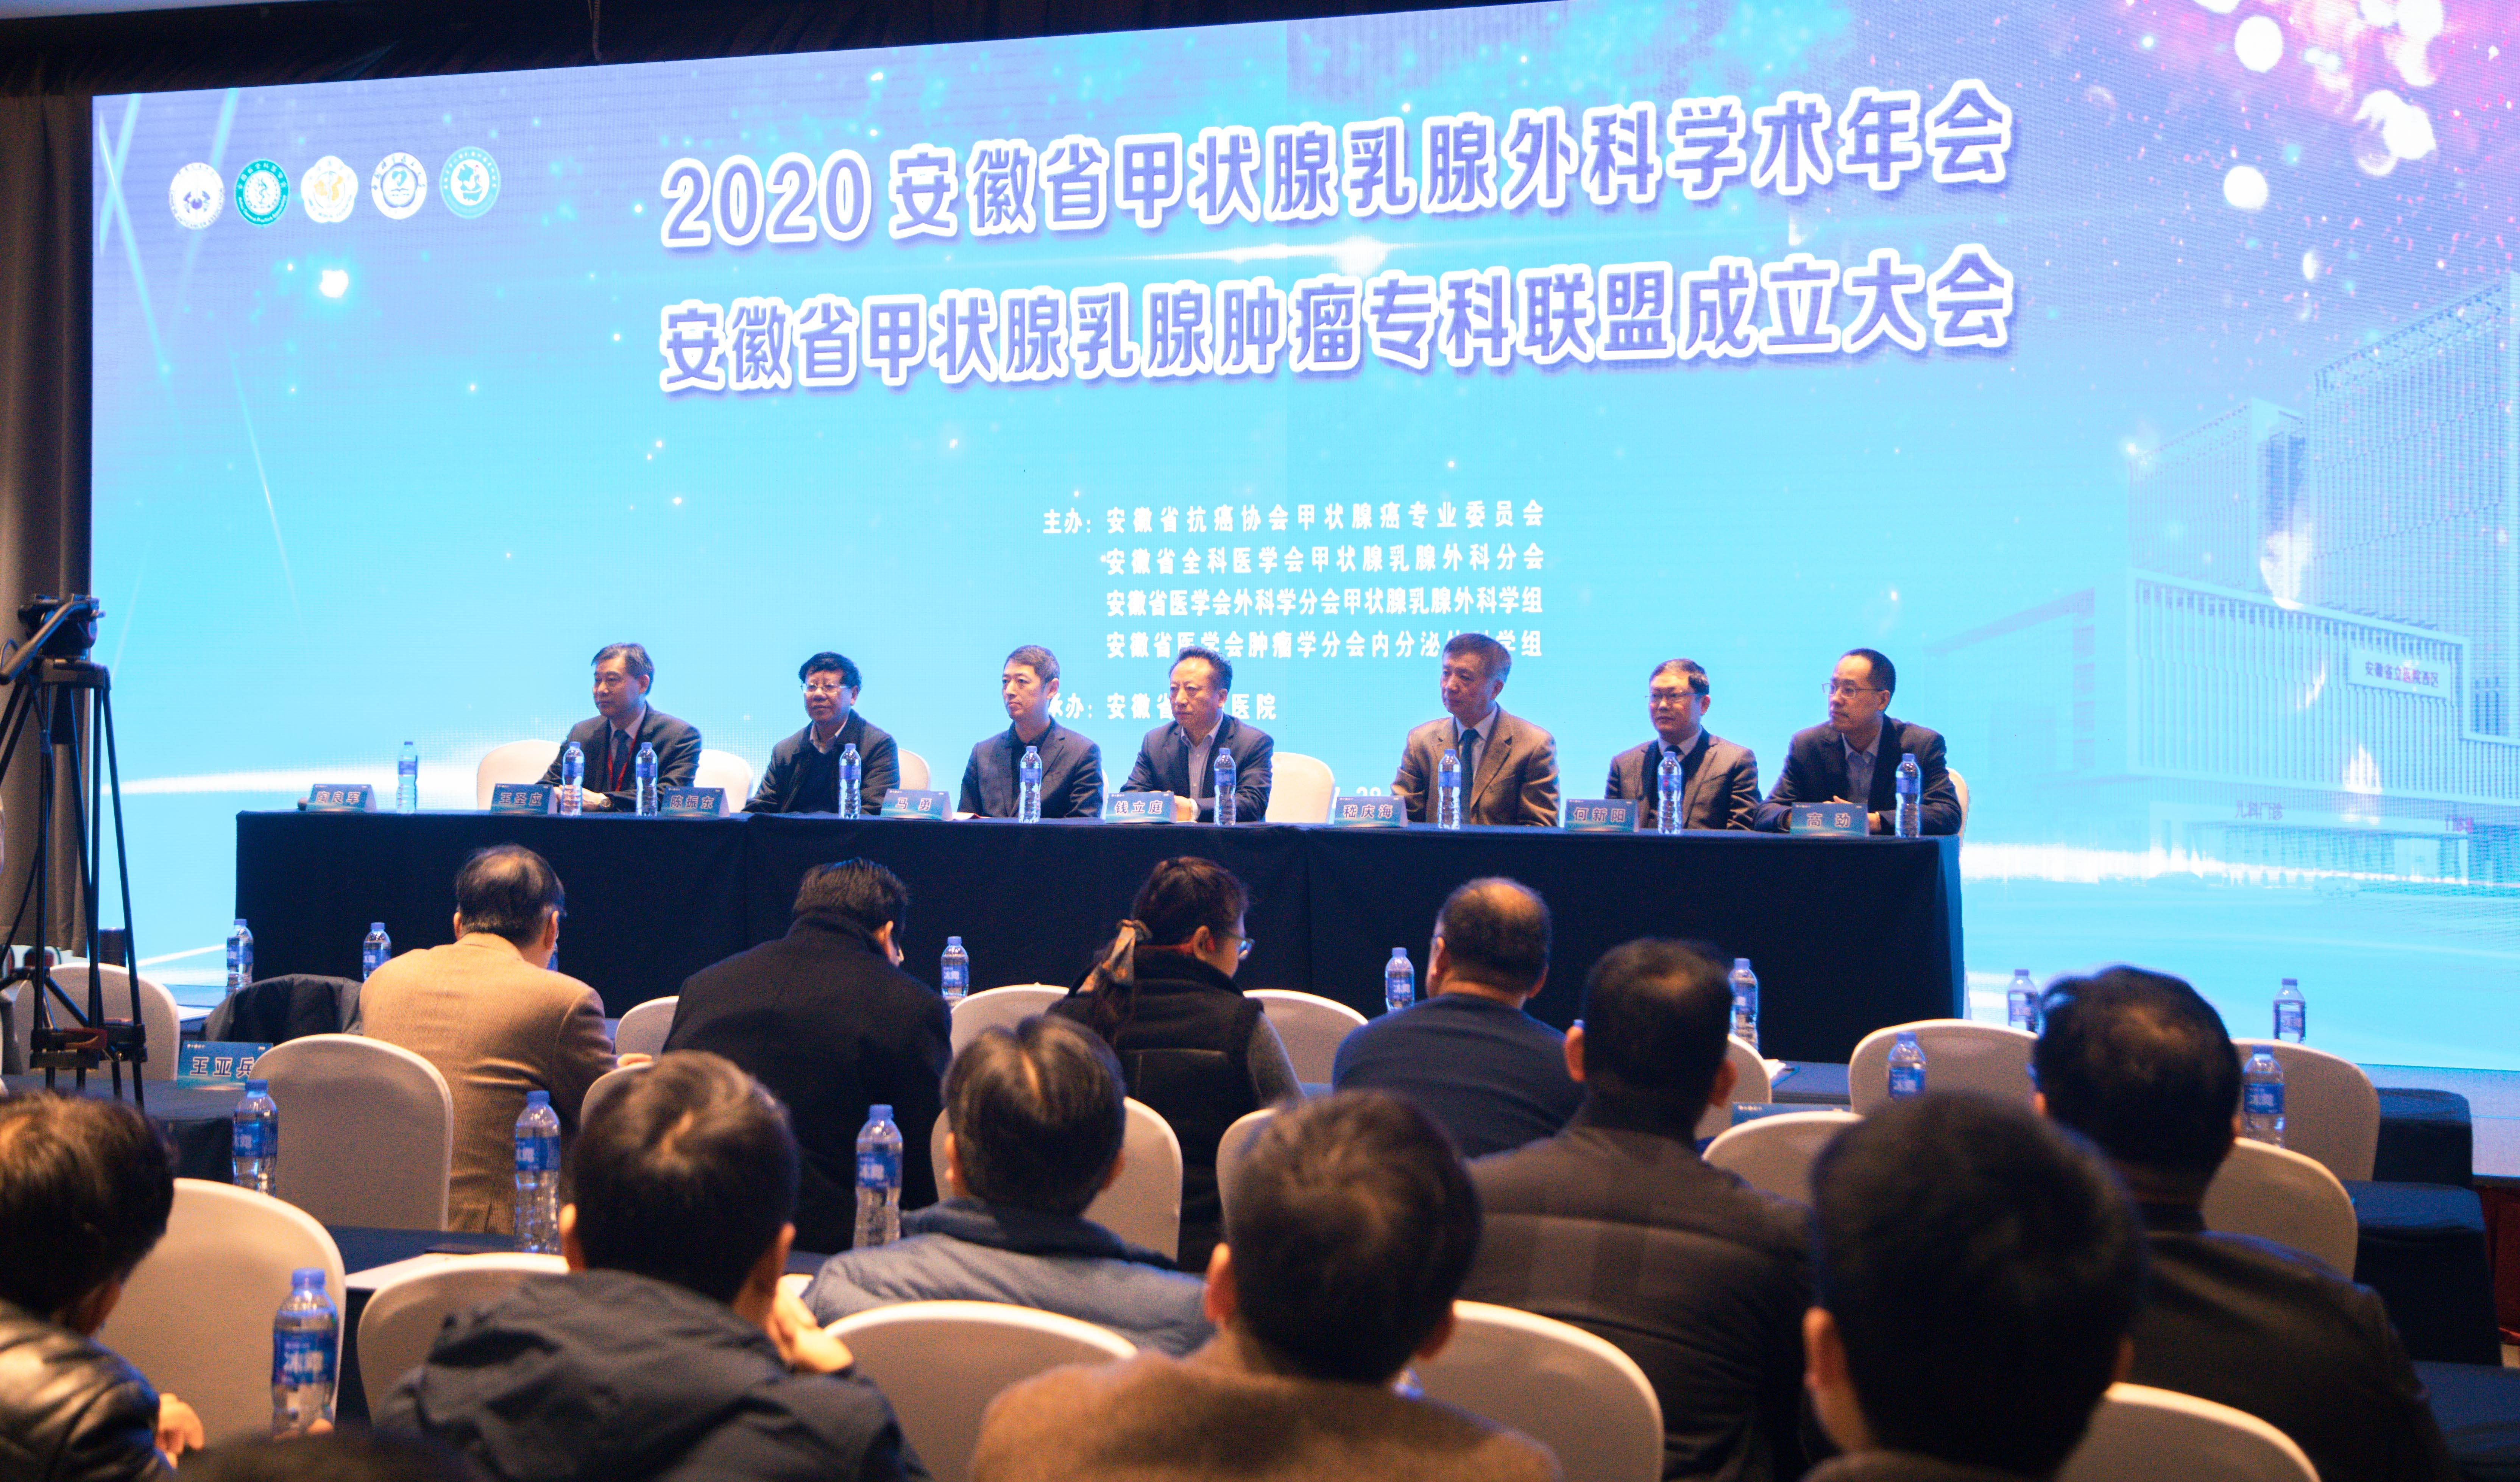 安徽省甲状腺乳腺肿瘤专科联盟成立大会暨2020甲乳外科学术年会顺利召开